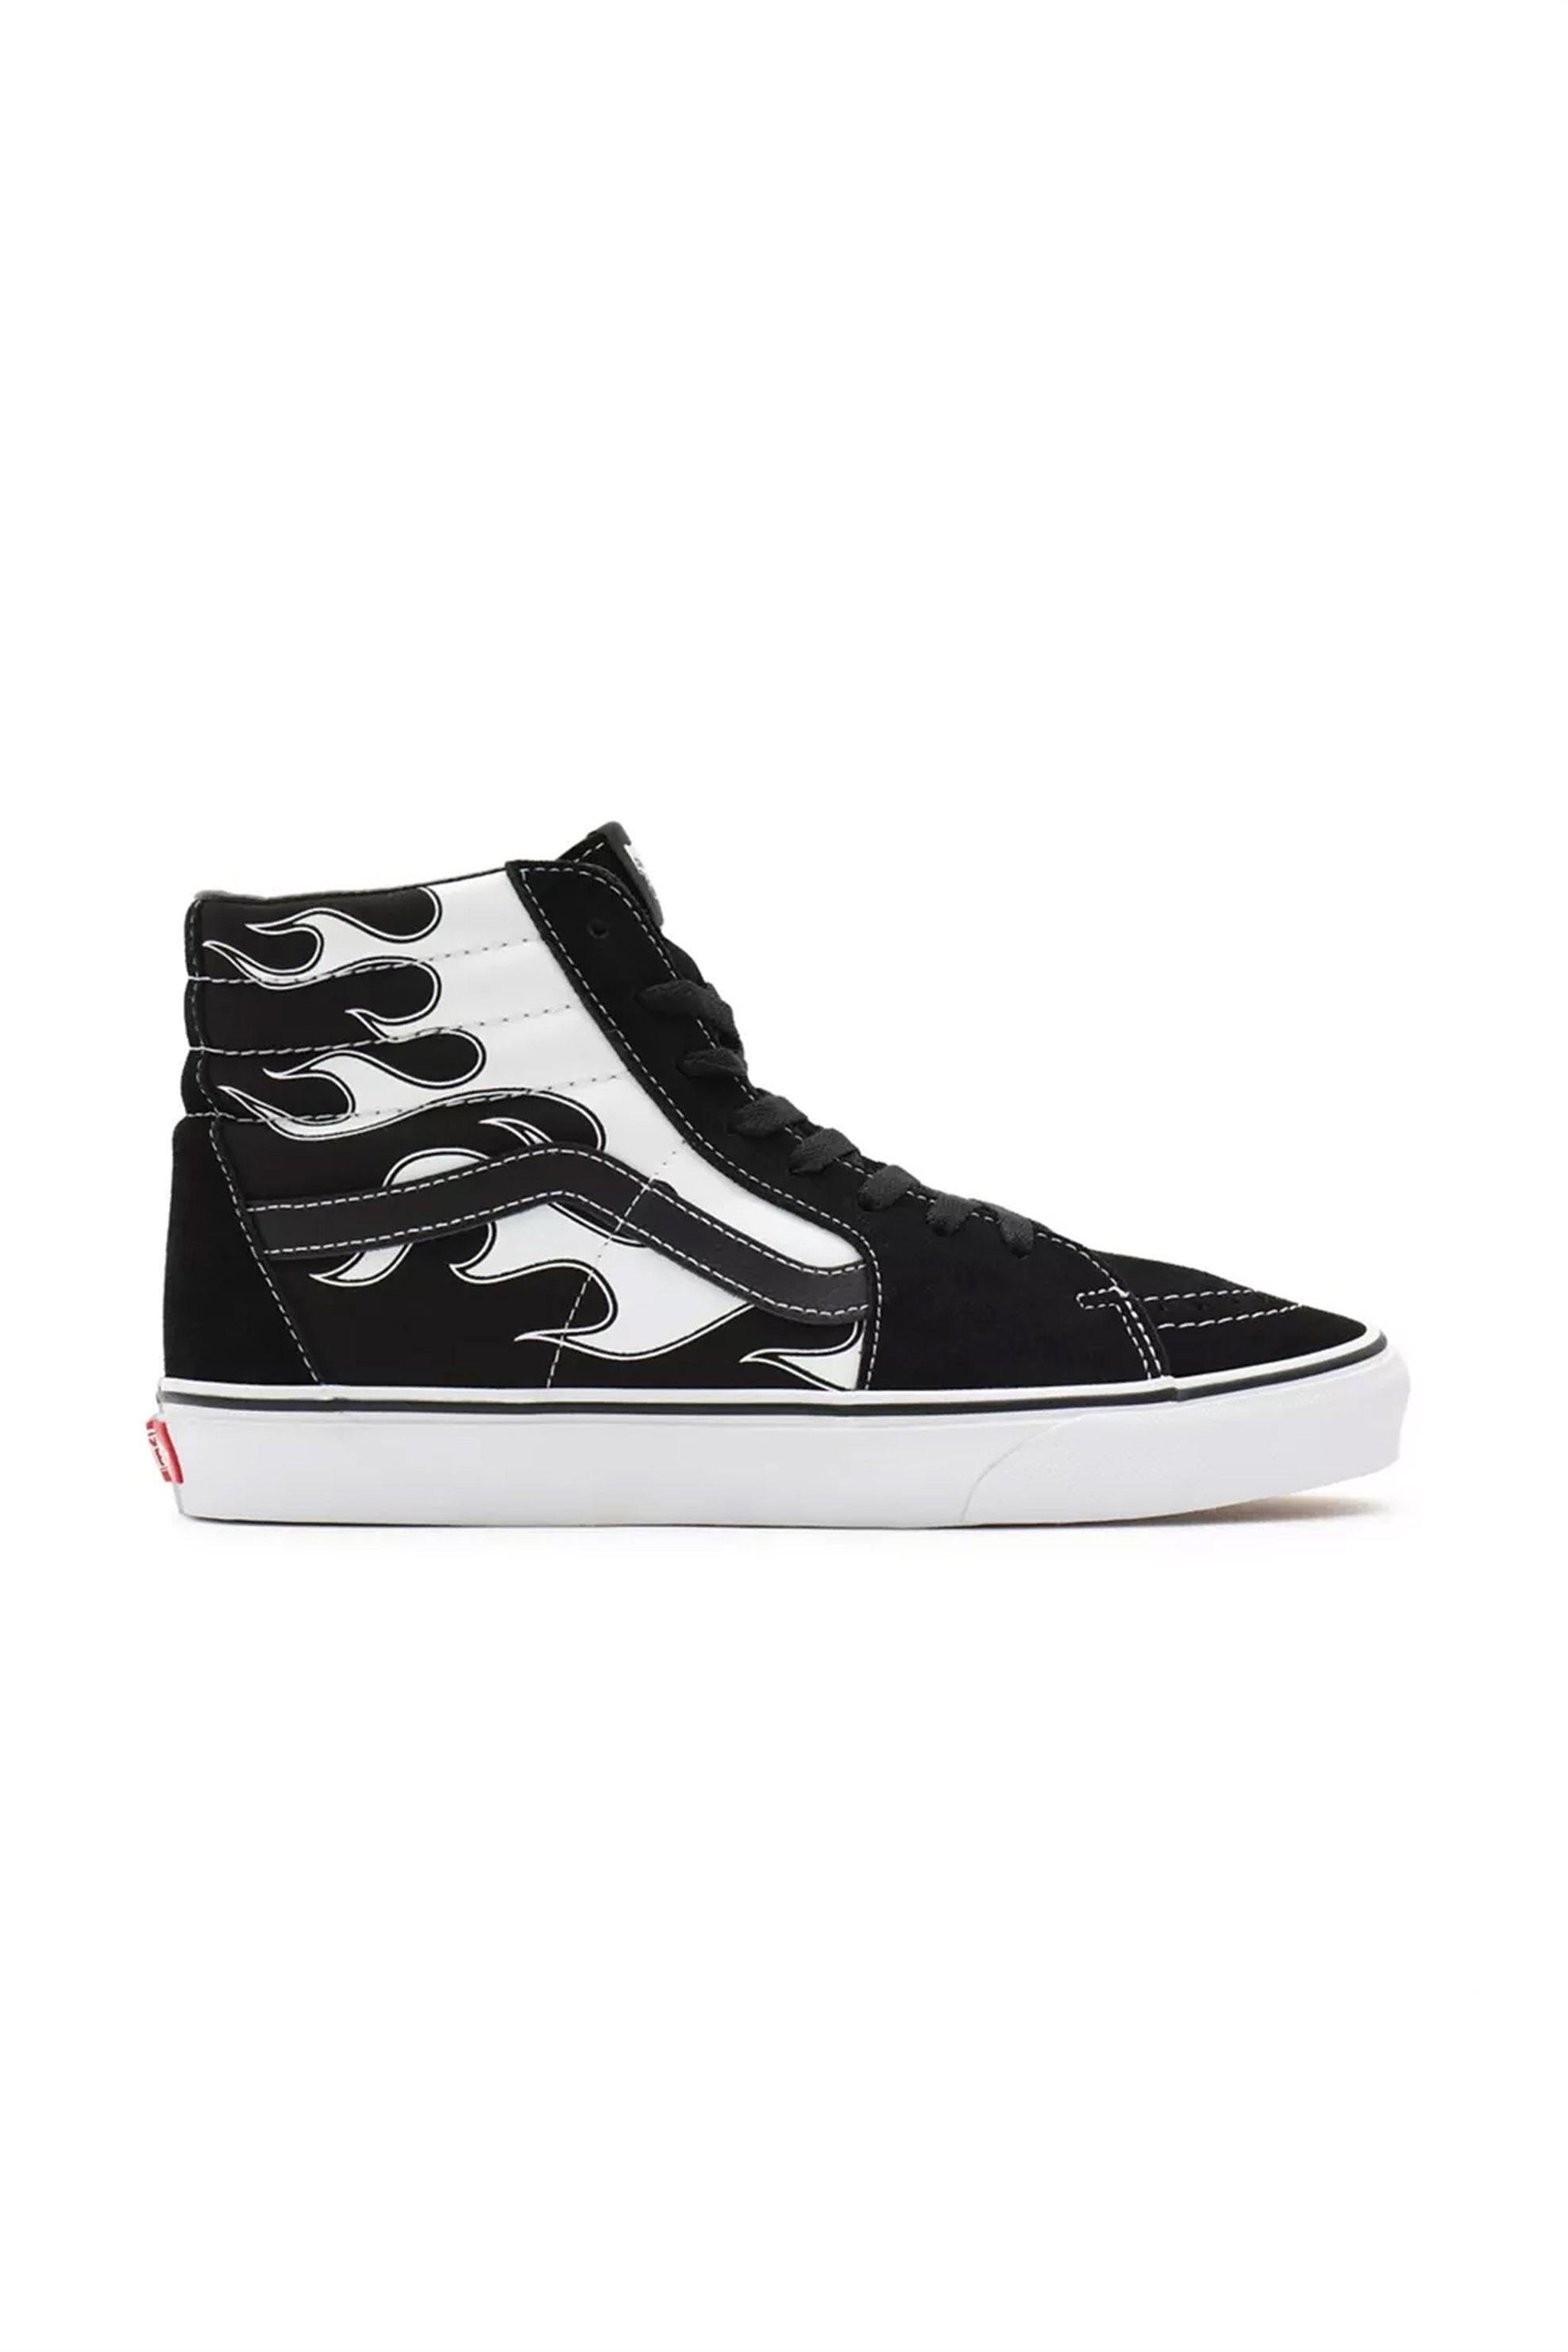 """Vans unisex sneakers μποτάκια suede """"Flame Sk8-Hi"""" – VN0A32QGK681 – Μαυρο"""